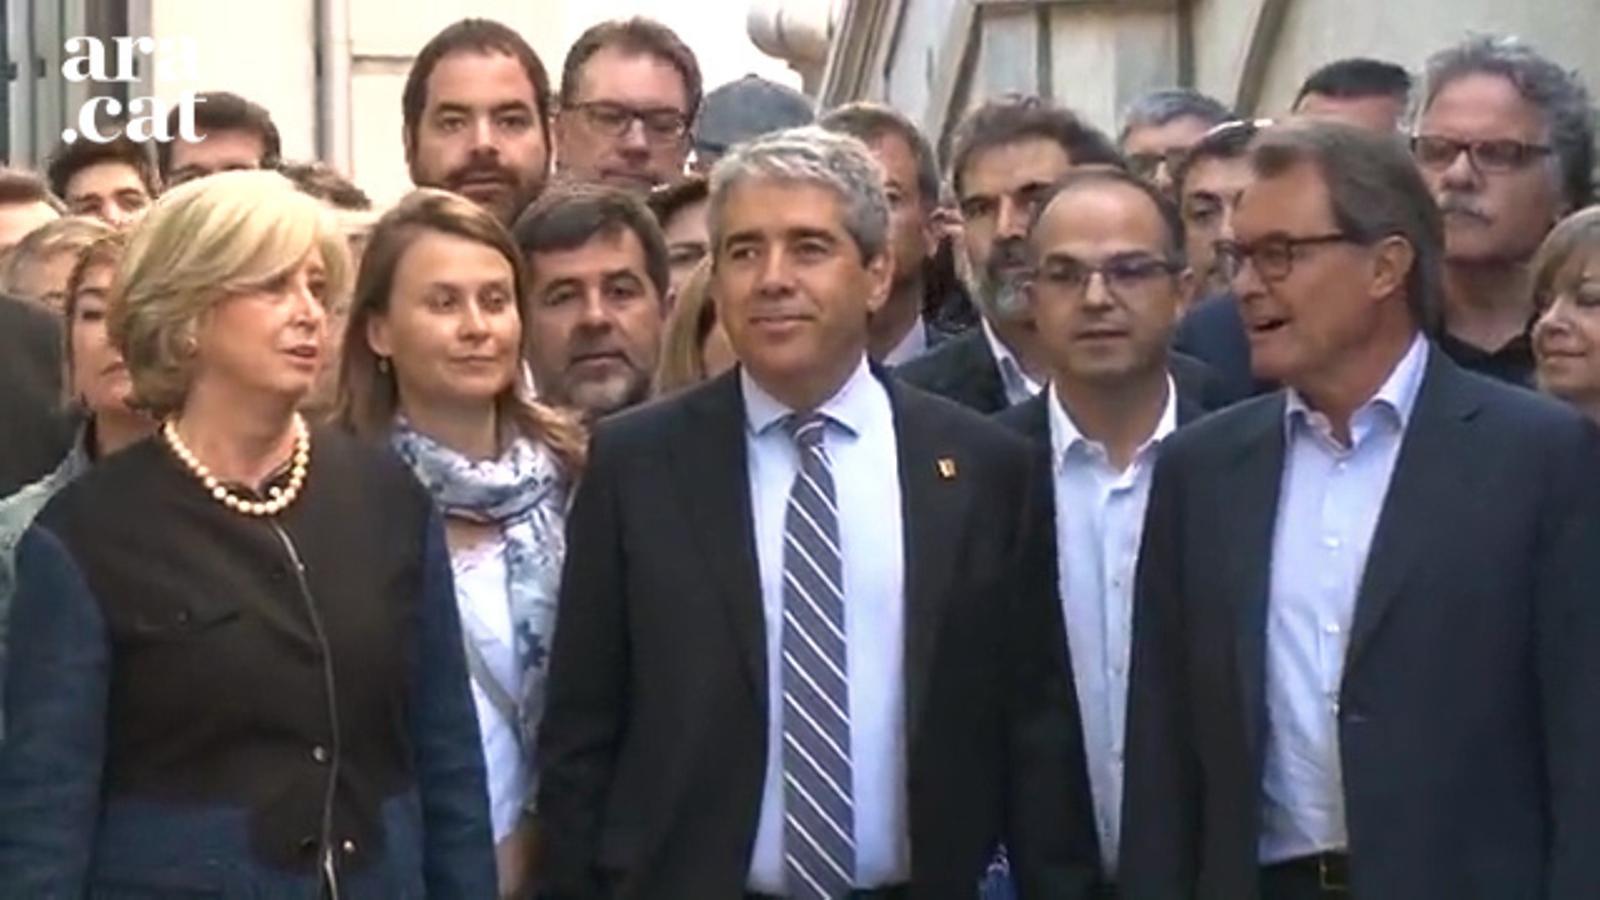 Homs arriba al Tribunal Suprem acompanyat per declarar per la consulta del 9-N